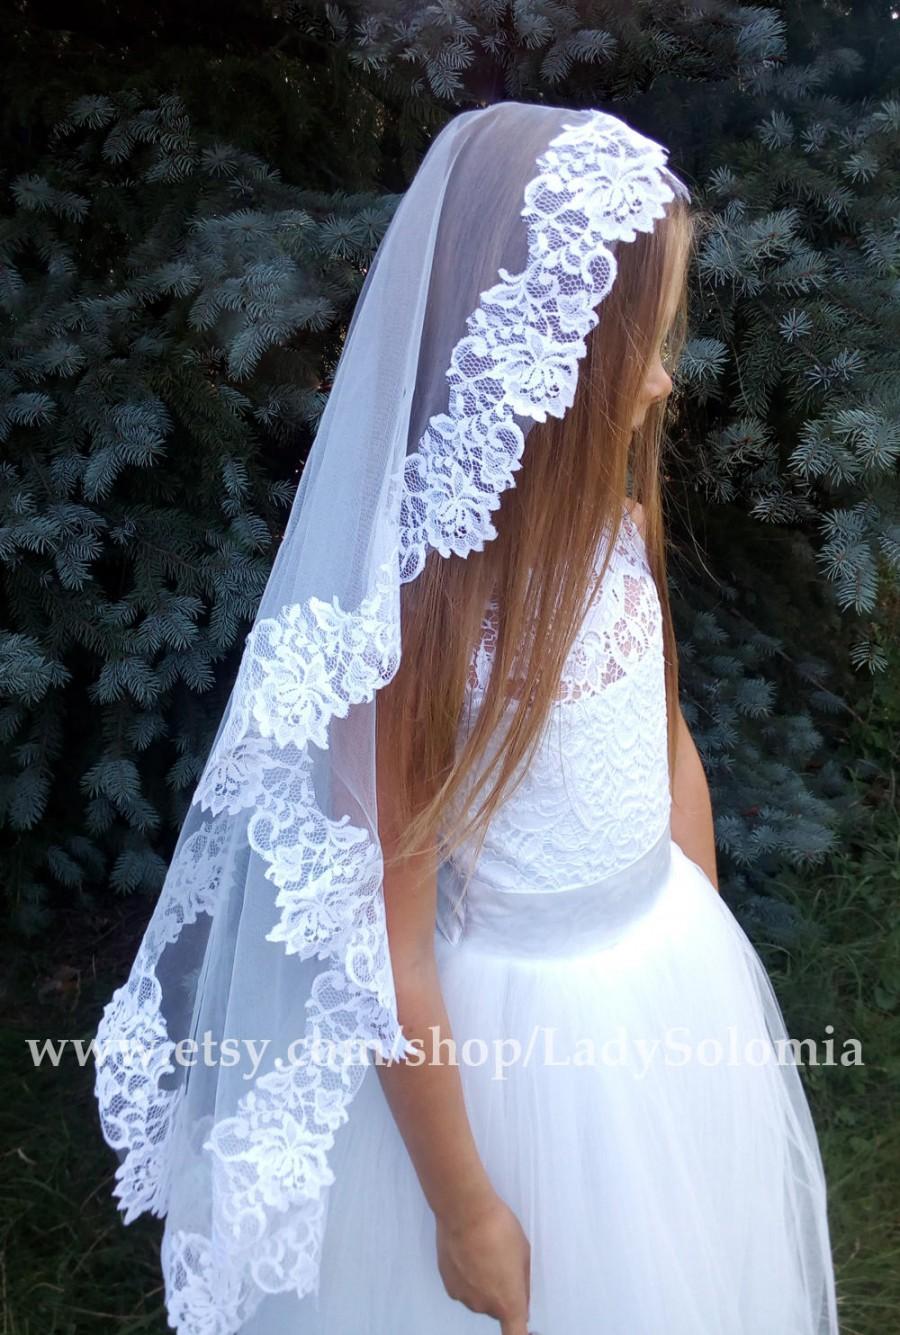 Wedding - First communion veils, Mantilla Communion Veil, Lace Communion Veil, Holy Communion, Flower girl veils, Lace Mantilla Communion, White veils